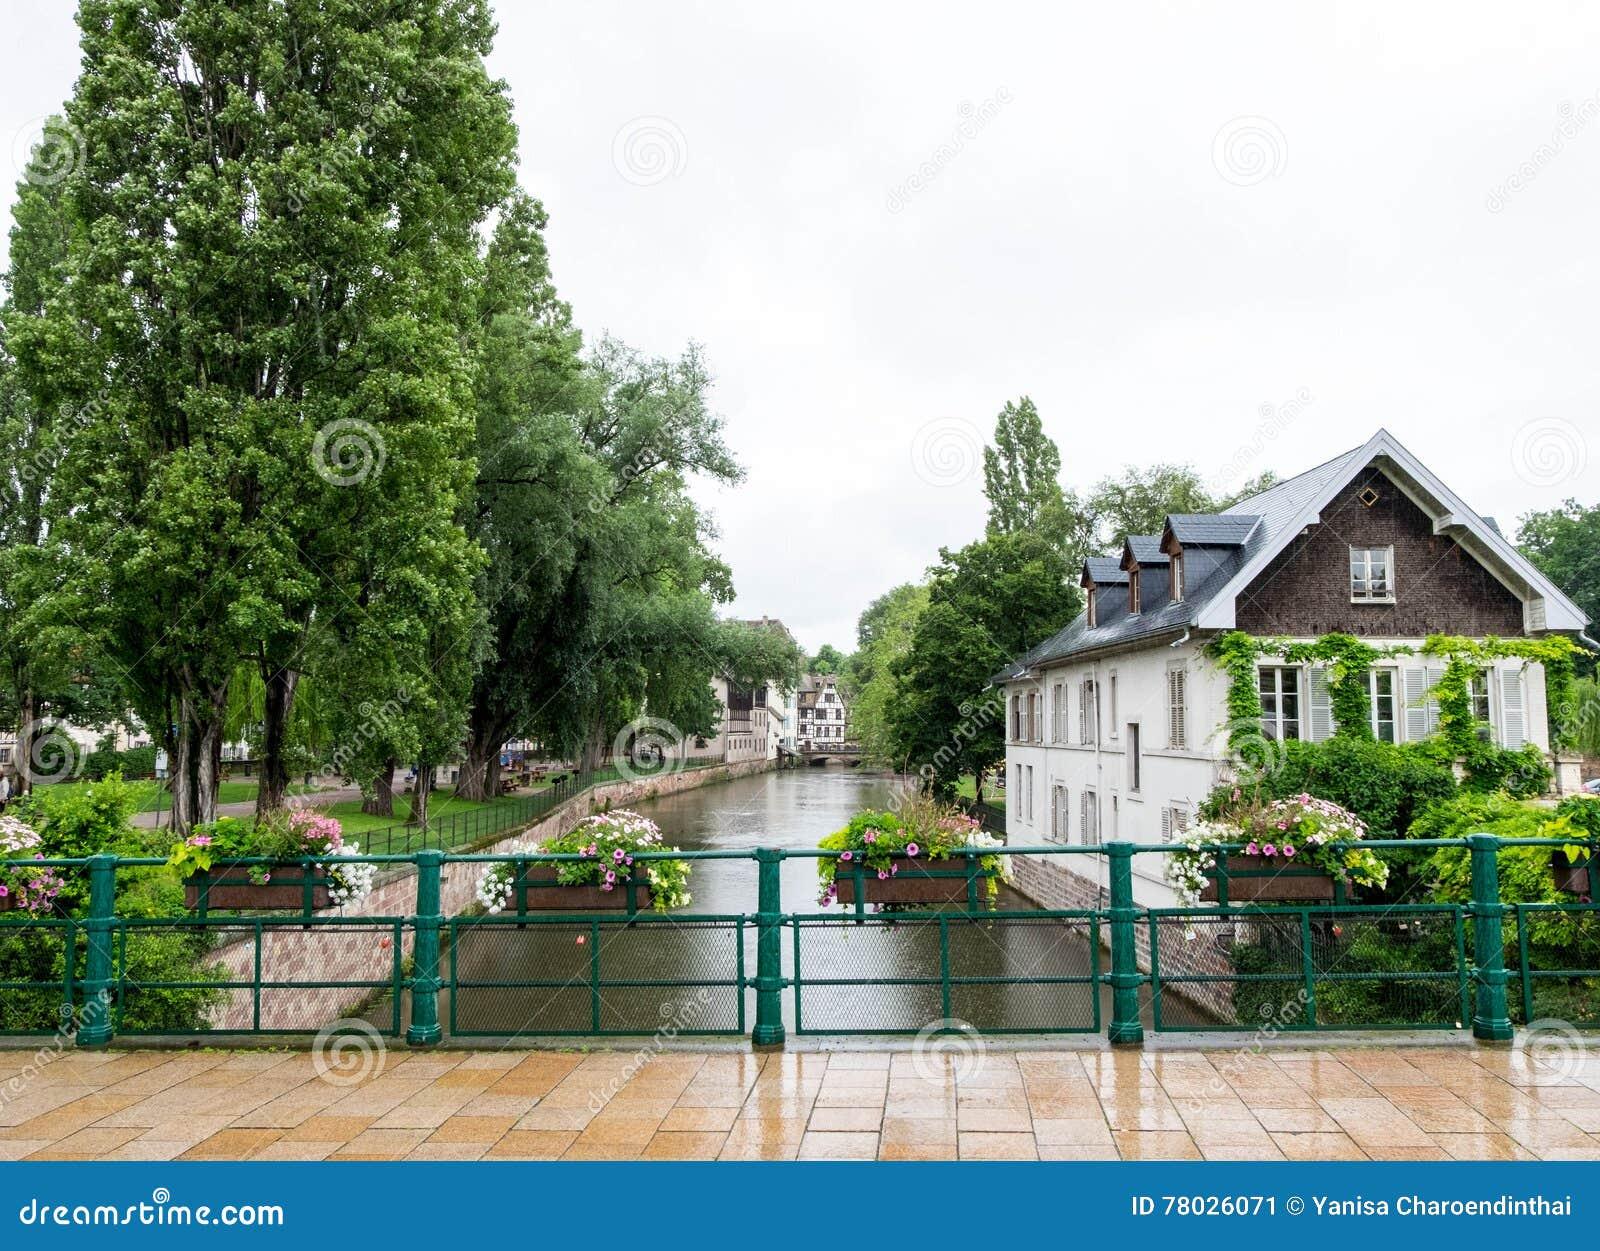 Río y casas en Petite France, Estrasburgo